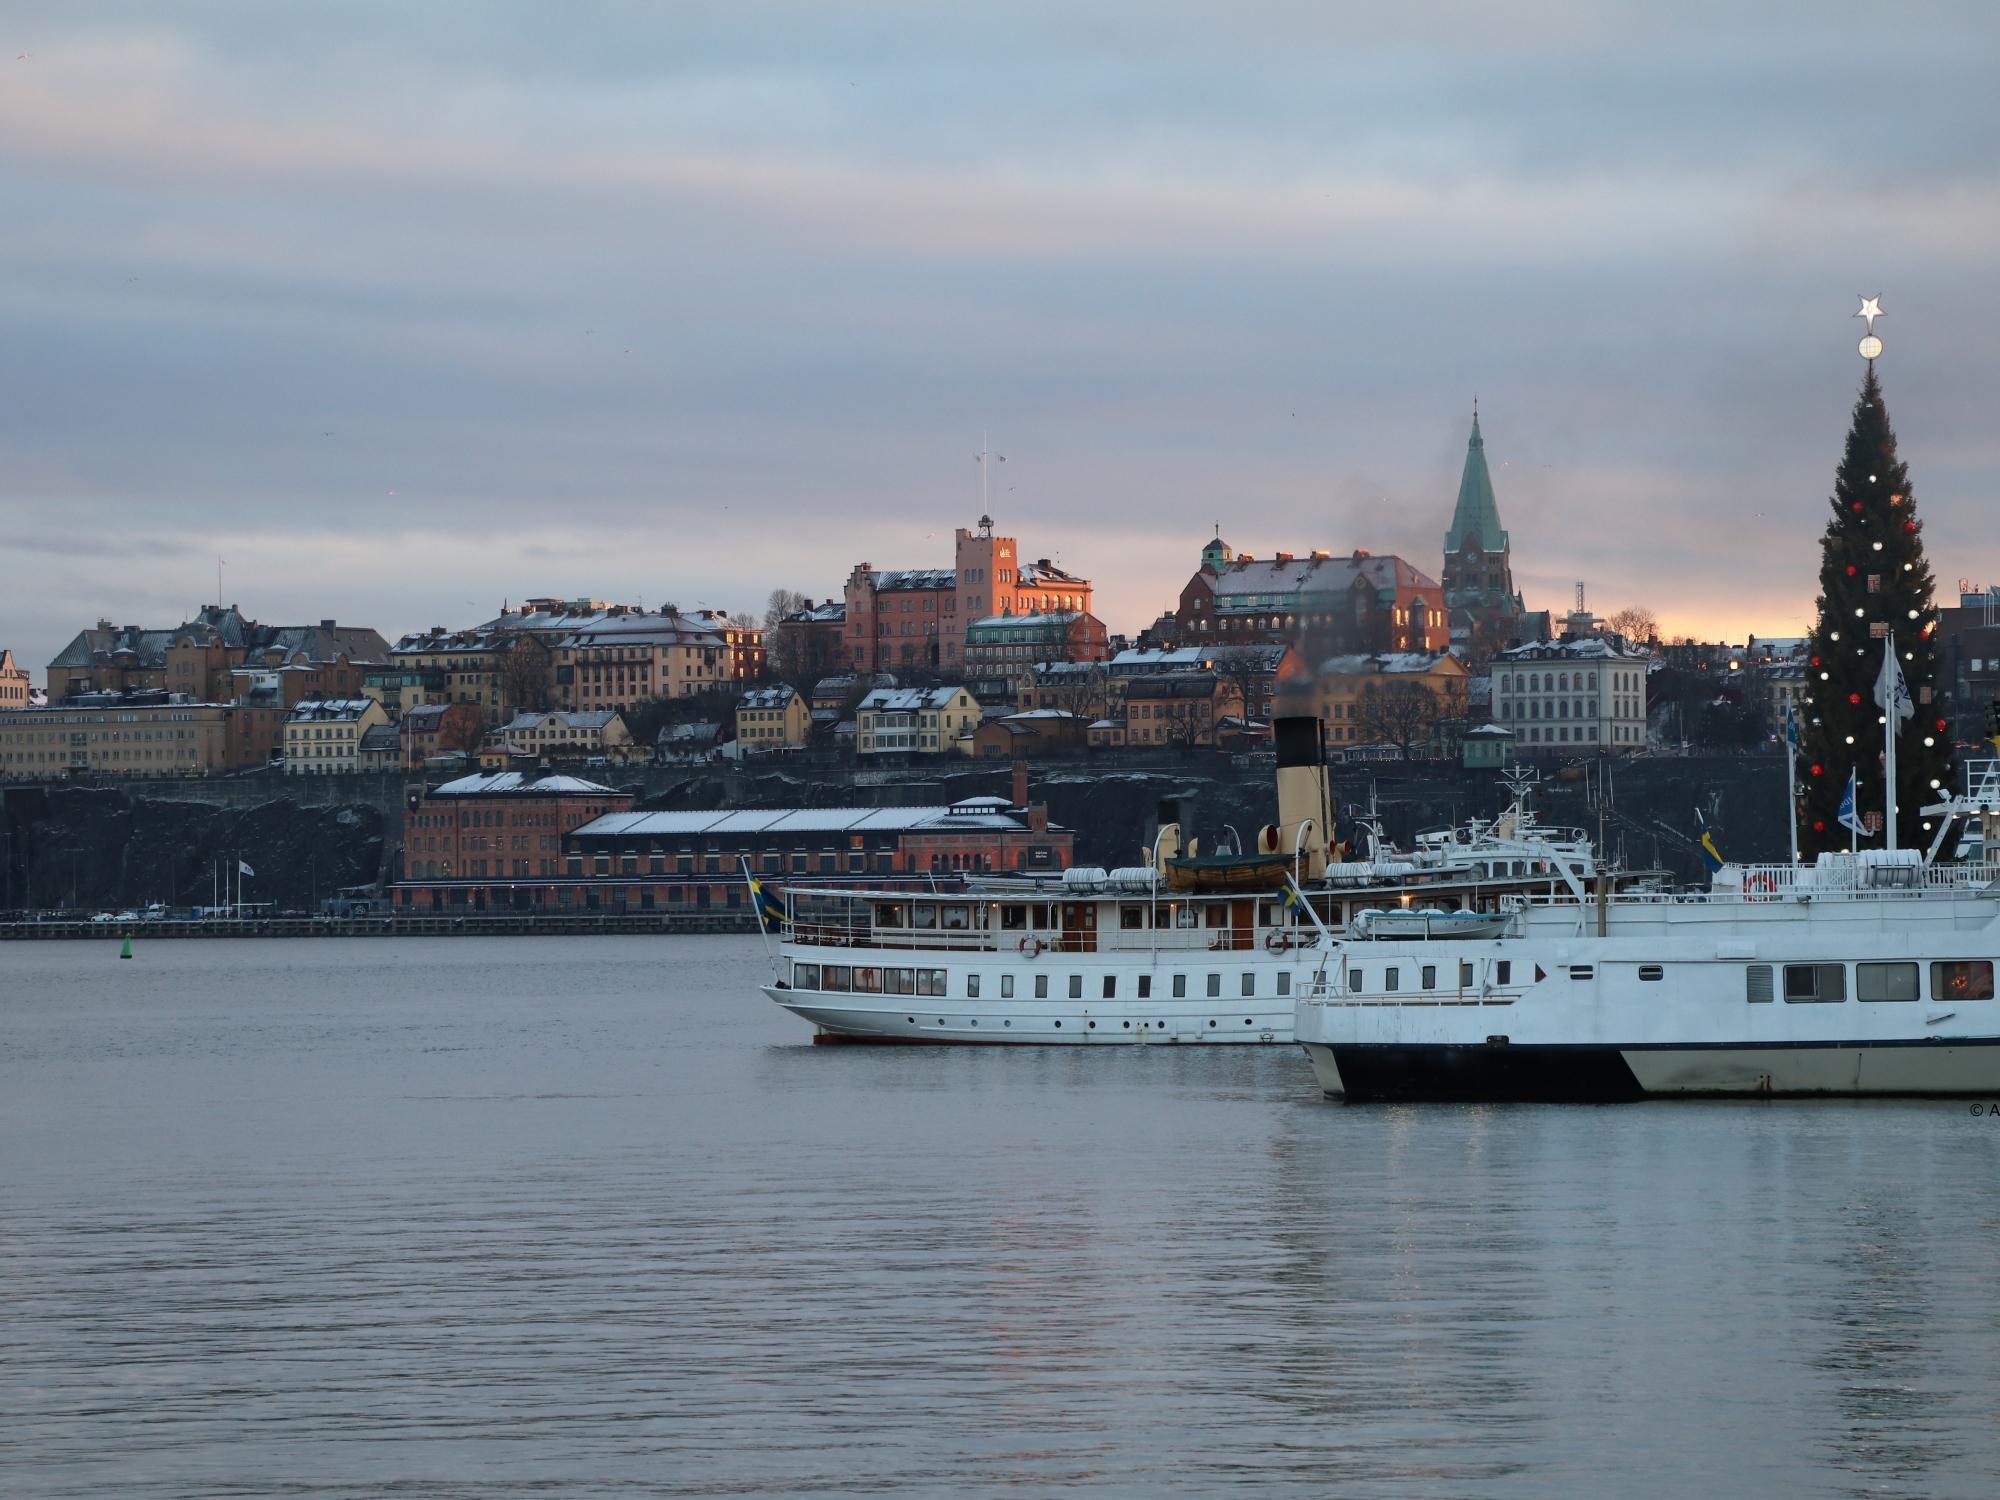 gift-of-paris-stockholm-sweden-scandinavia-nordic-winter-wonderland-gamla-stan